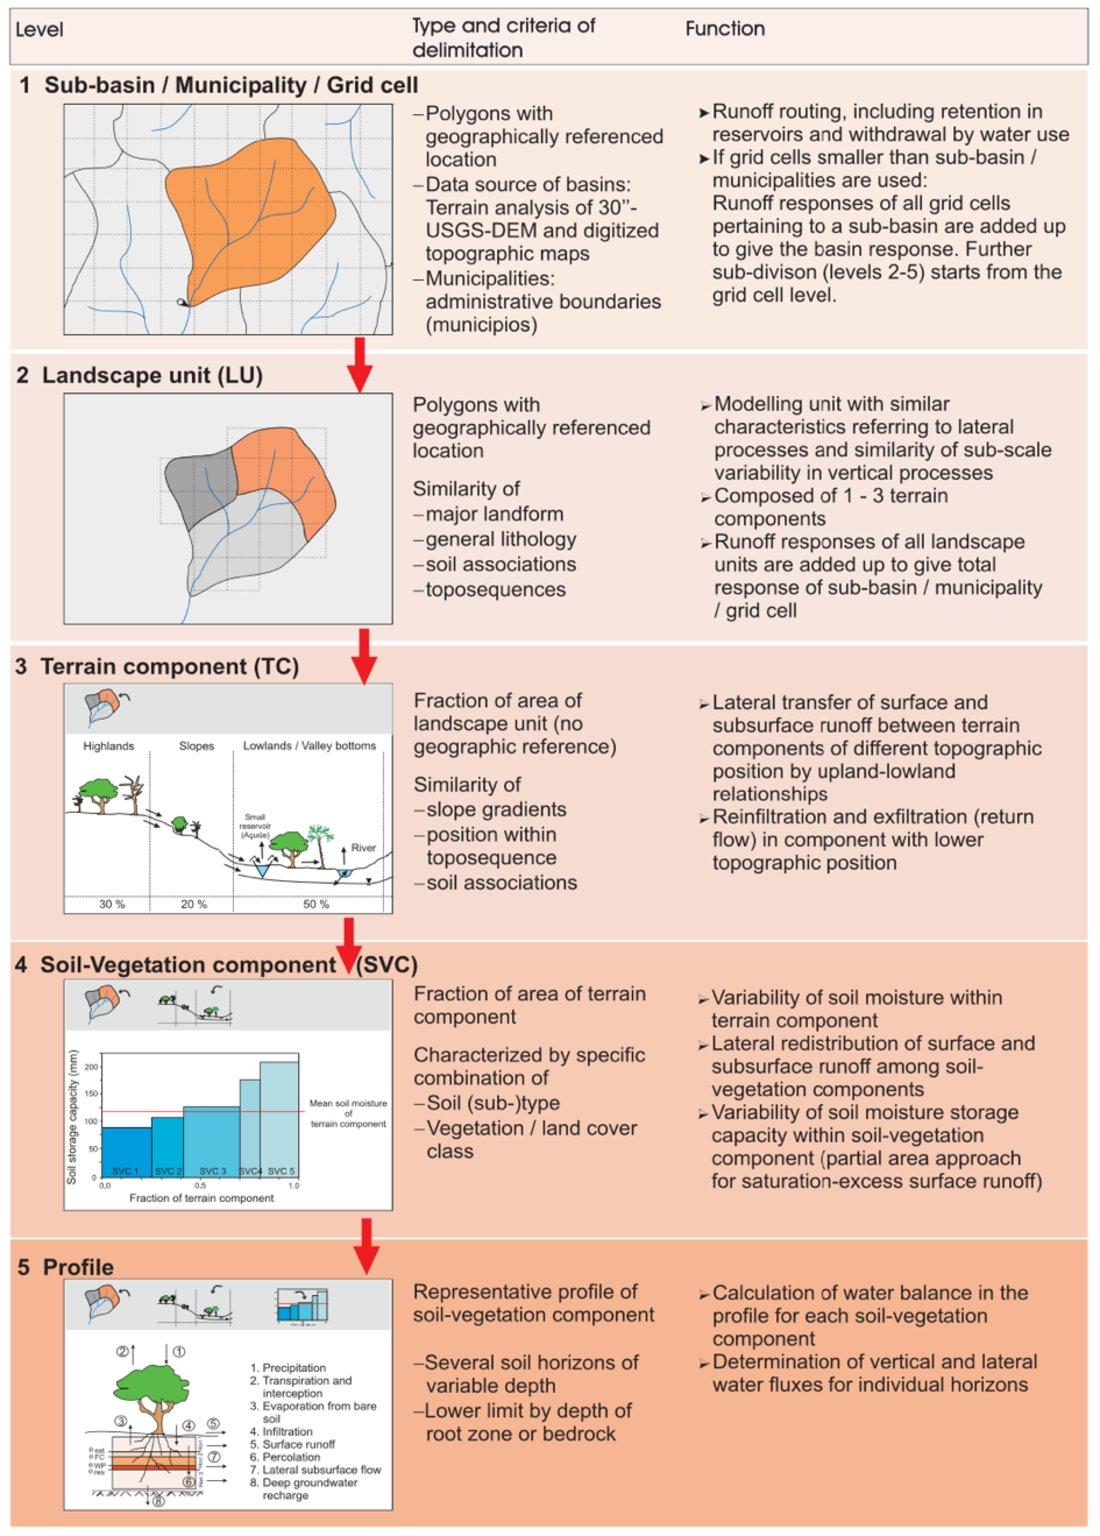 Schema des hierarchischen, multi-skaligen Aufbaus des WASA-SED Modells, zur Einteilung von Flusseinzugsgebieten in Modelleinheiten; dargestellt ist die Verfeinerung der räumlichen Skala von (Teil-) Einzugsgebieten, über Landschaftseinheiten, Hangkomponenten, Boden-Vegetations-Komponenten bis hin zu einzelnen Bodenprofilen, mit einer jeweiligen detaillierten Beschreibung der Prozessimplementierung im Modellsystem